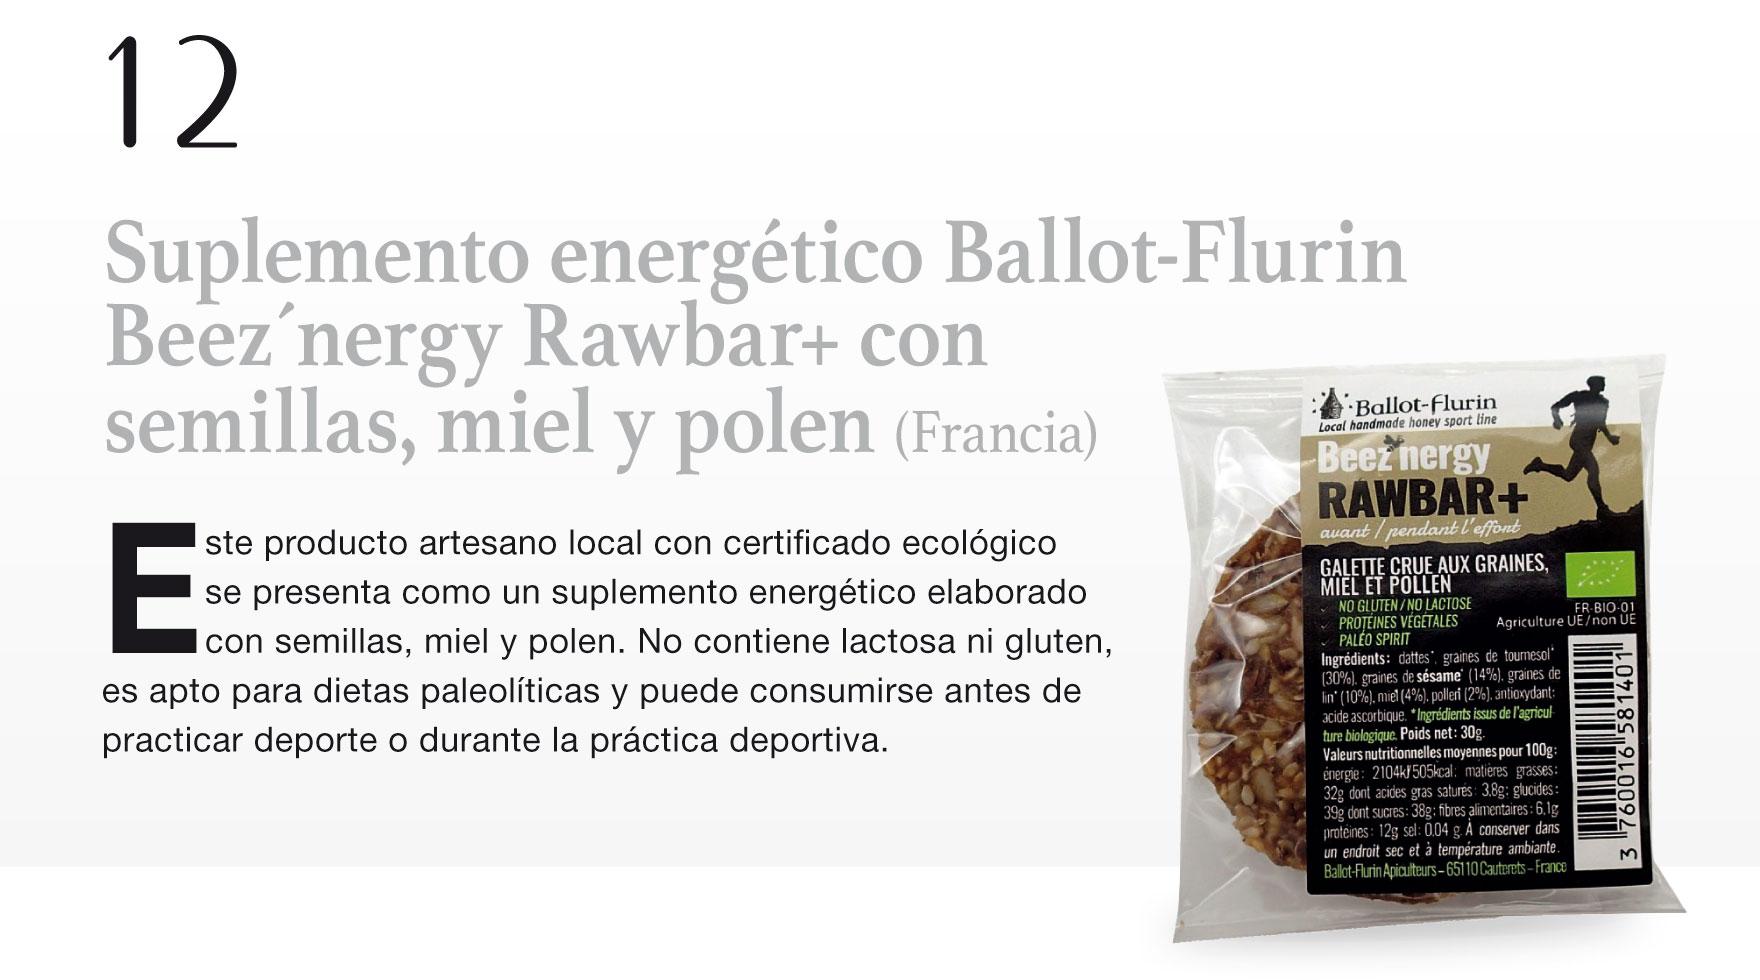 Suplemento energético Ballot-Flurin Beez´nergy Rawbar+ con semillas, miel y polen (Francia)